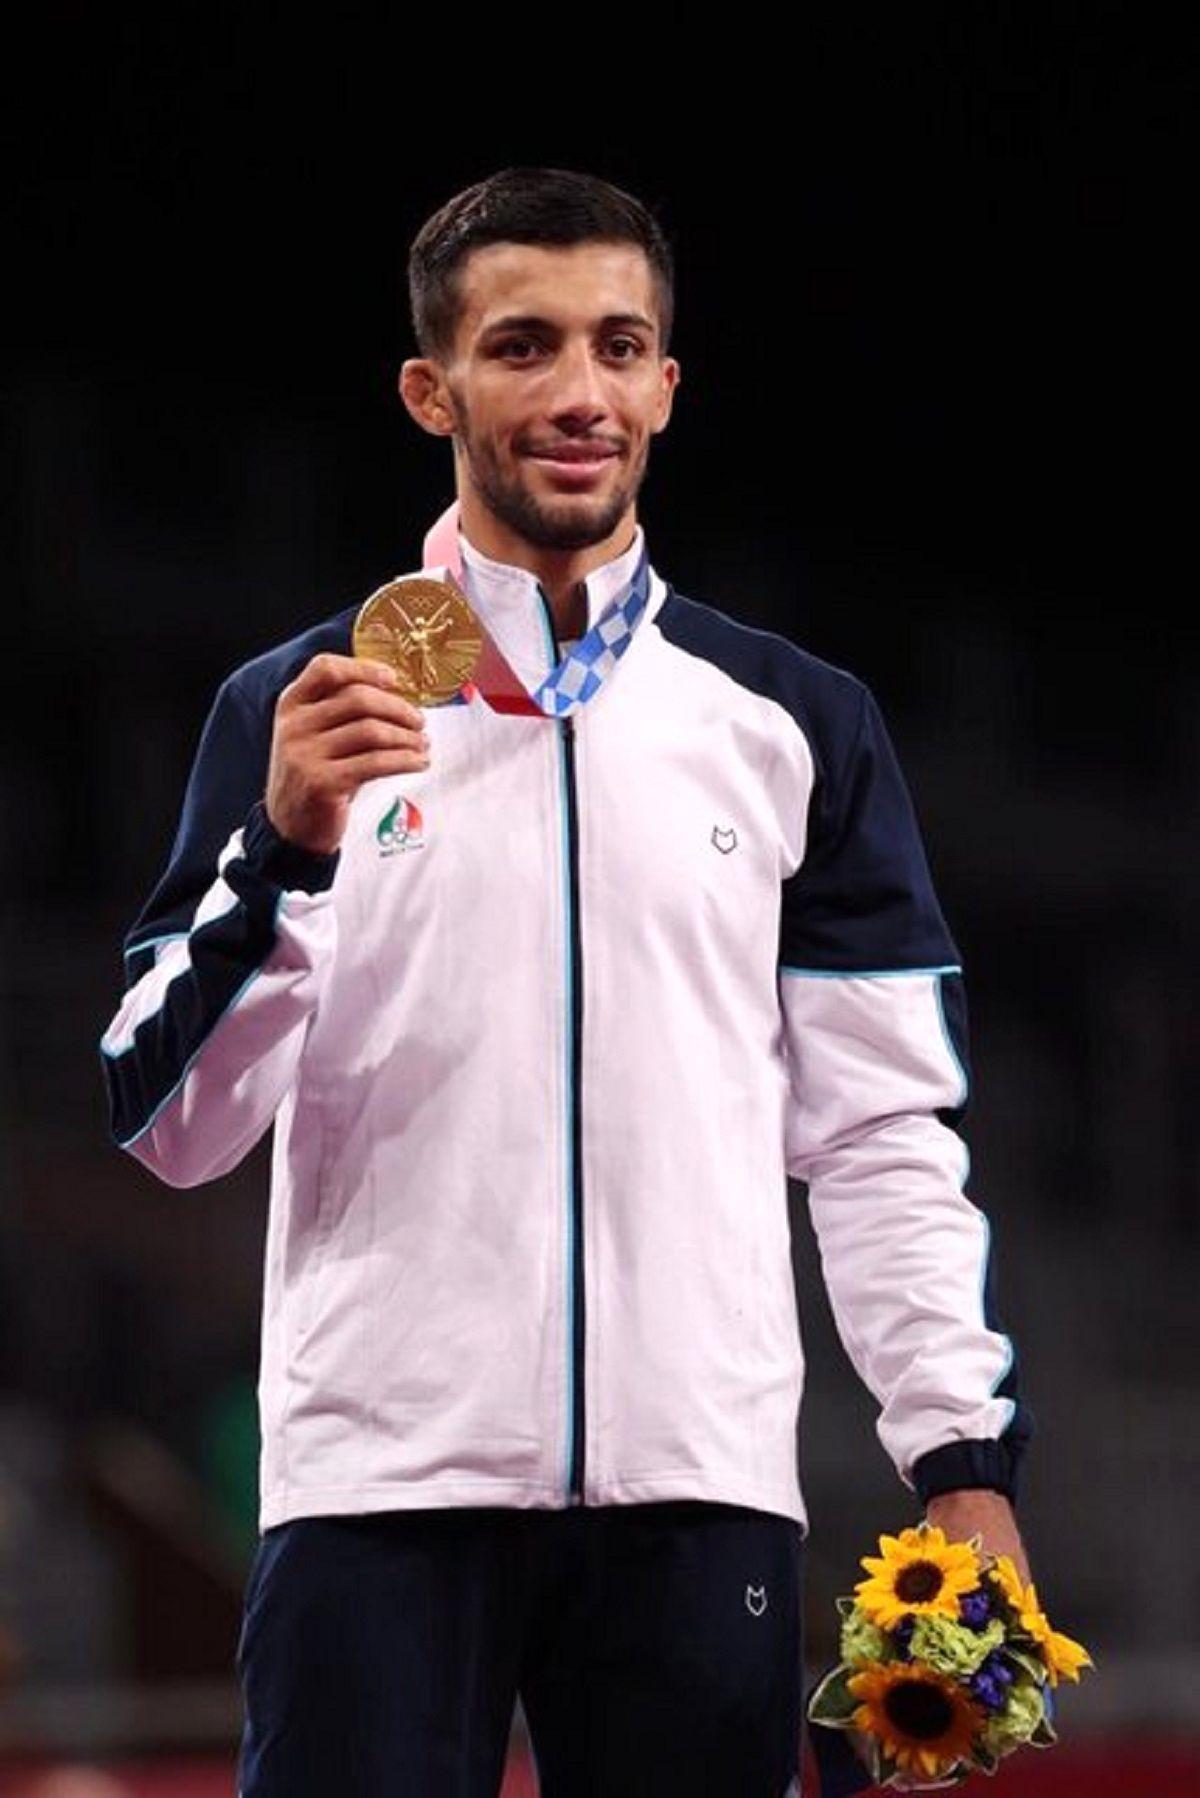 صعود ۲۲پله ای ایران در جدول مدال های المپیک